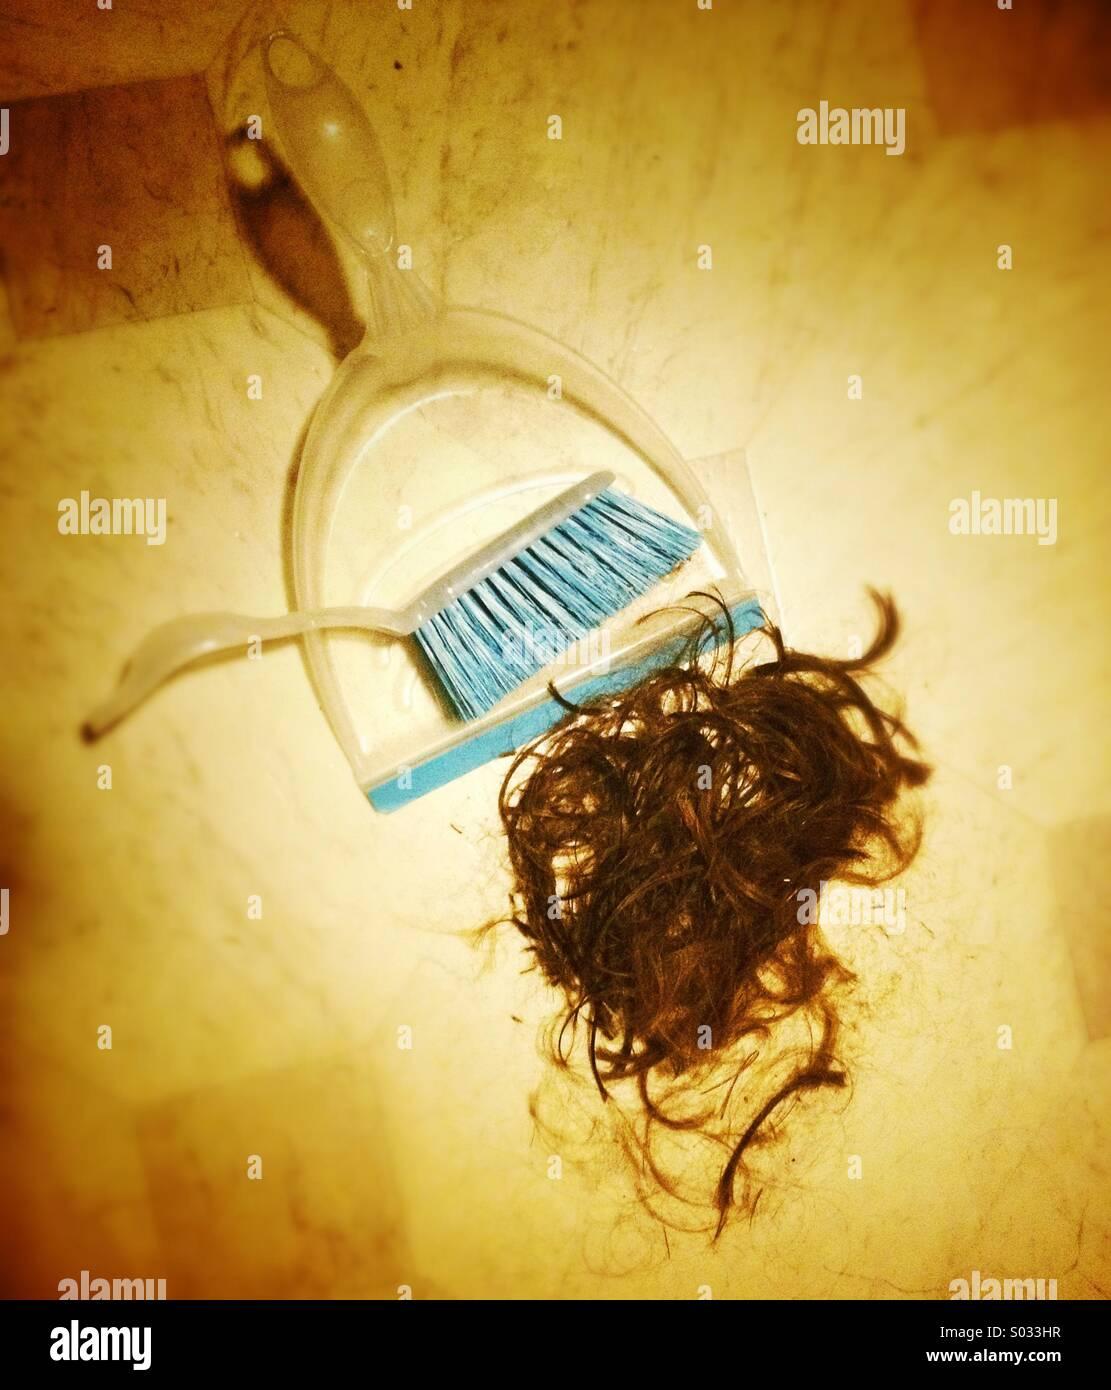 Cortarse el pelo, el pan y el cepillo con un montón de pelo cortado Imagen De Stock